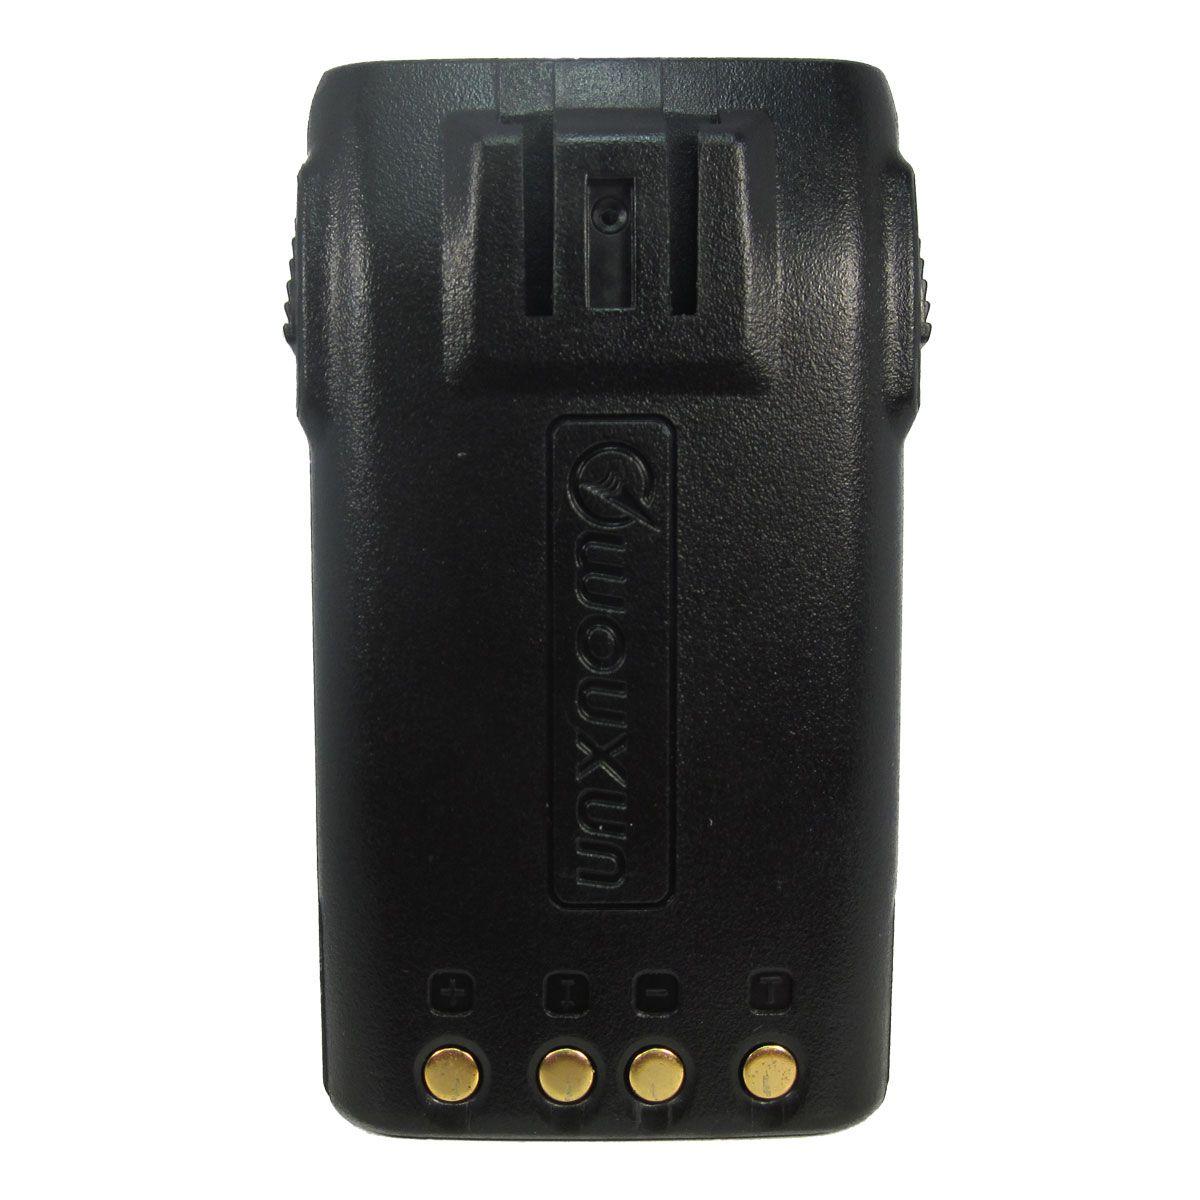 Batería Wouxun Li-Ion 1300 mAh para radio KG-929 BLO-001